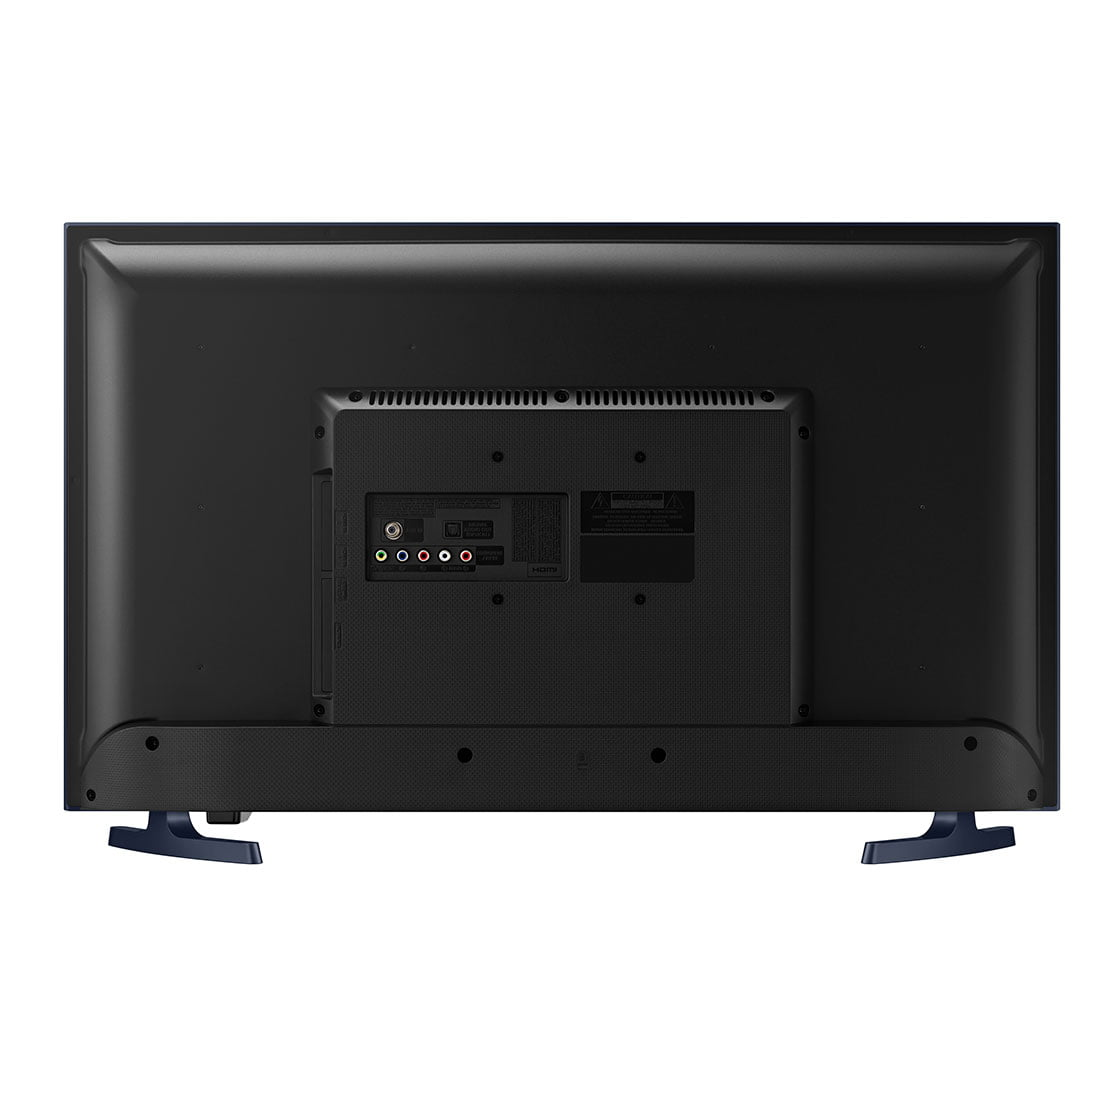 samsung un32j4001 32 led tv. Black Bedroom Furniture Sets. Home Design Ideas